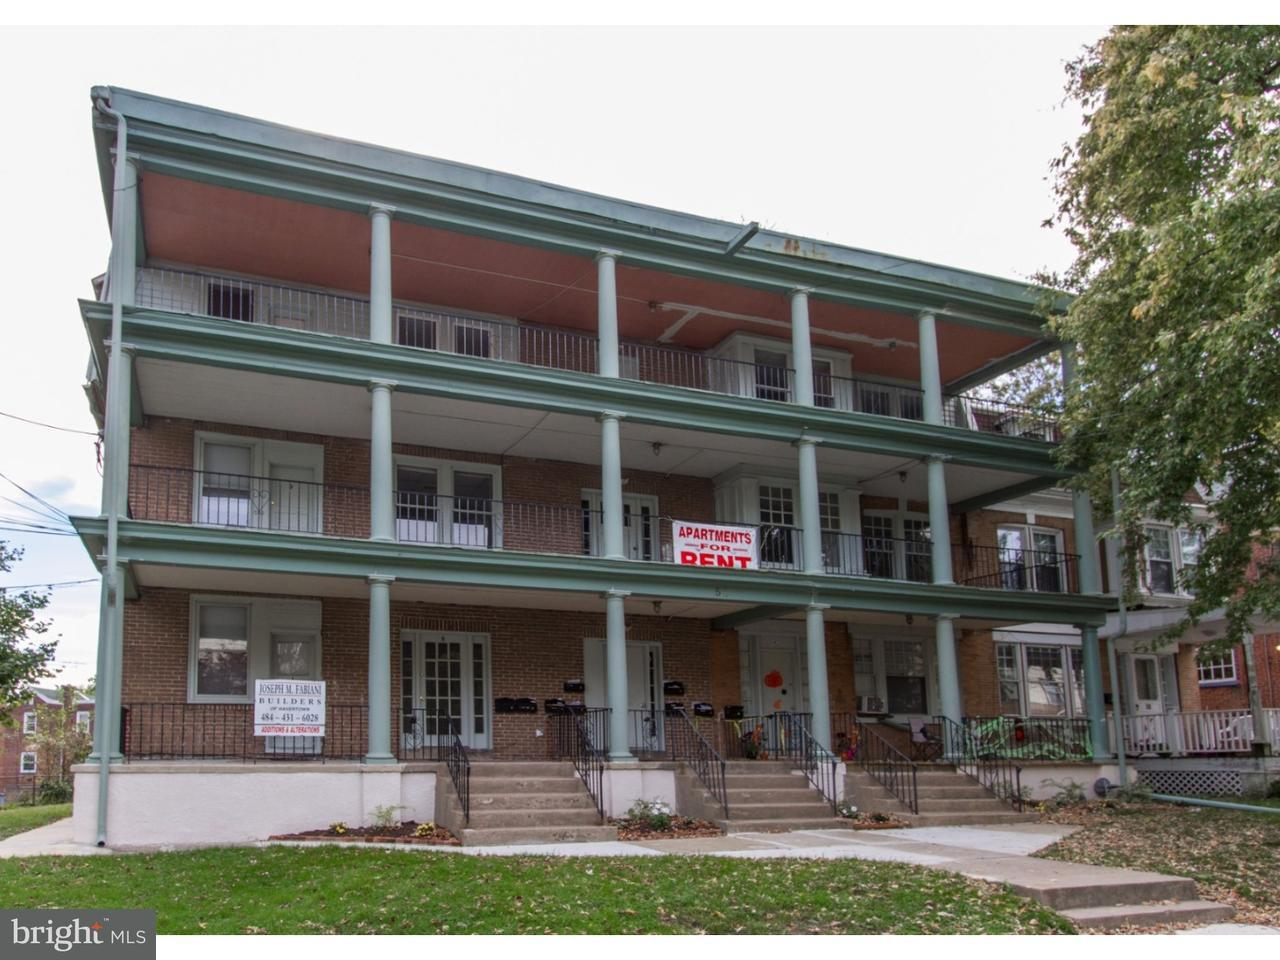 独户住宅 为 出租 在 52-54 E STRATFORD AVE #H Lansdowne, 宾夕法尼亚州 19050 美国